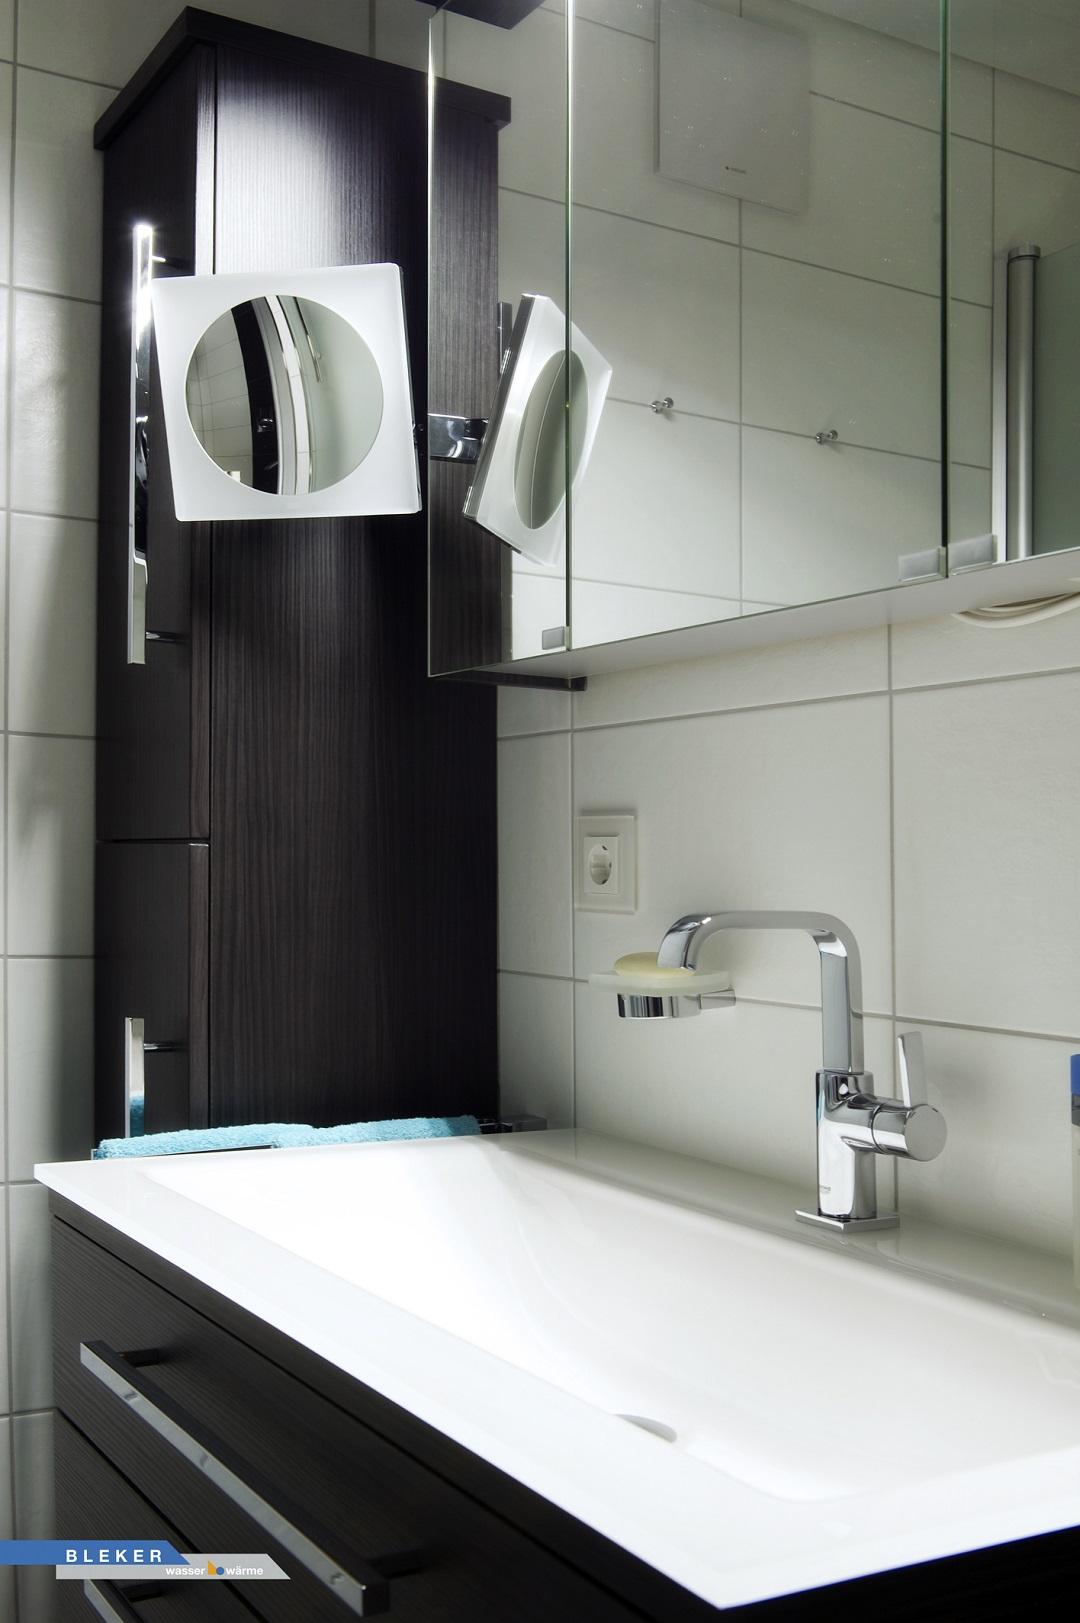 Waschtischanlage mit Glasbecken und grossem Schminkspiegel